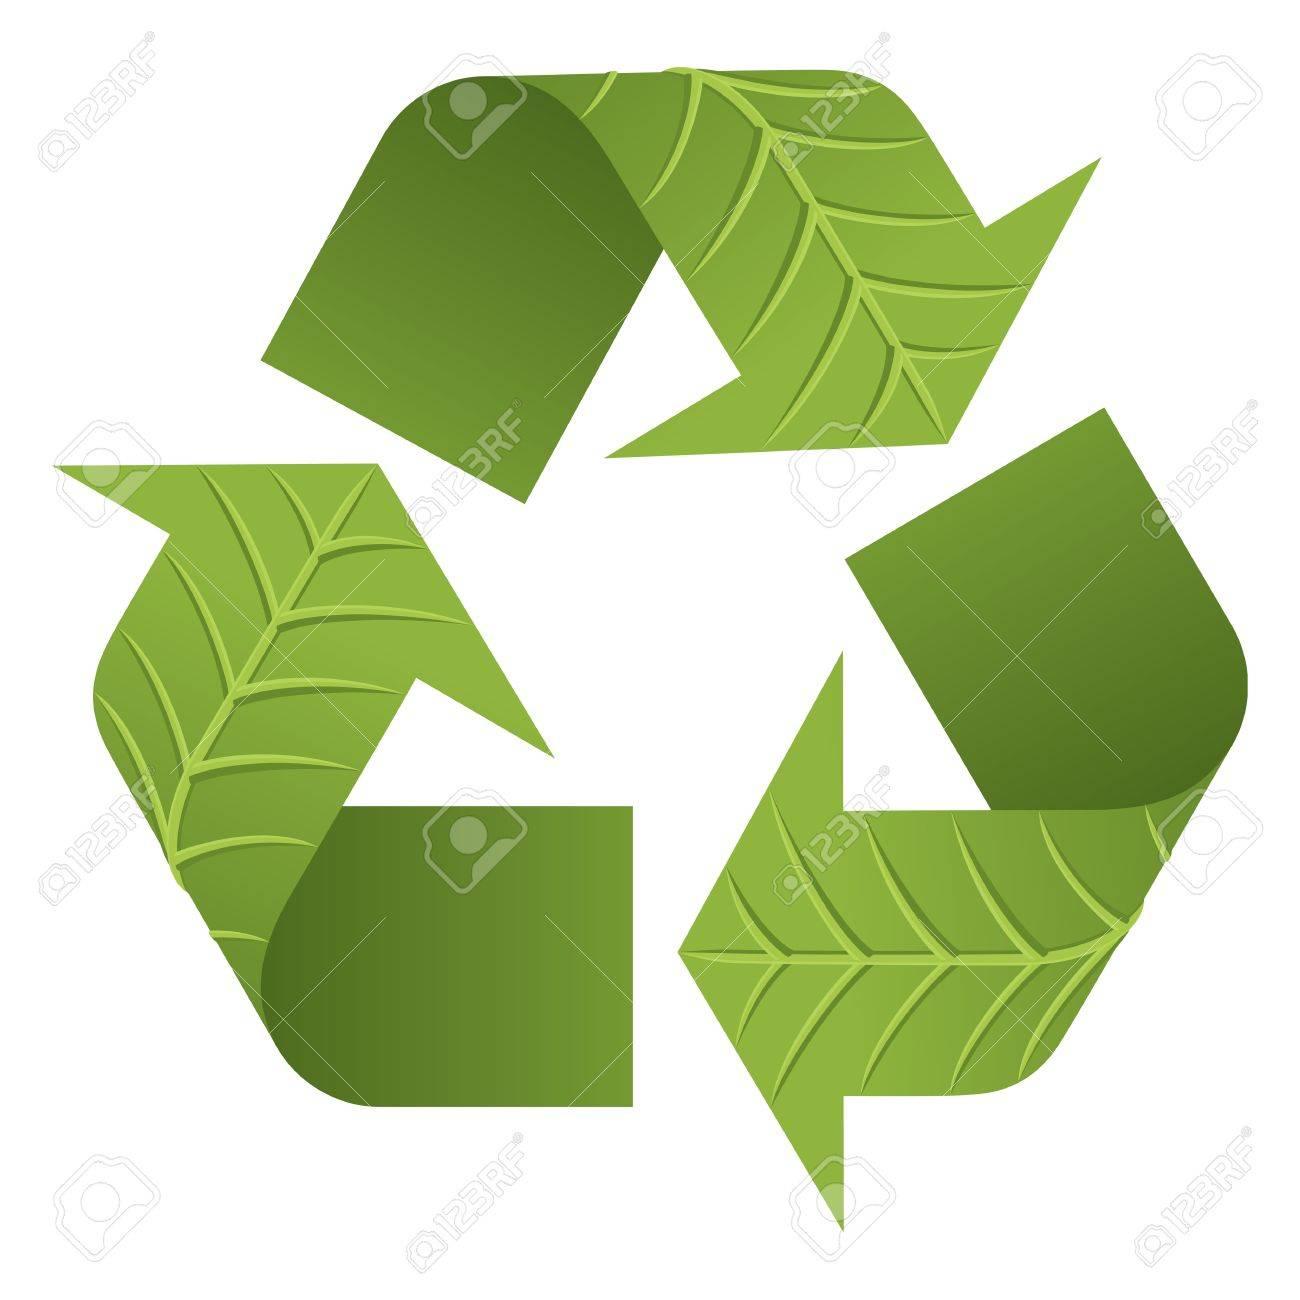 Logo De La Hoja De Reciclaje. El Recicle El Logotipo Icónico Con ...